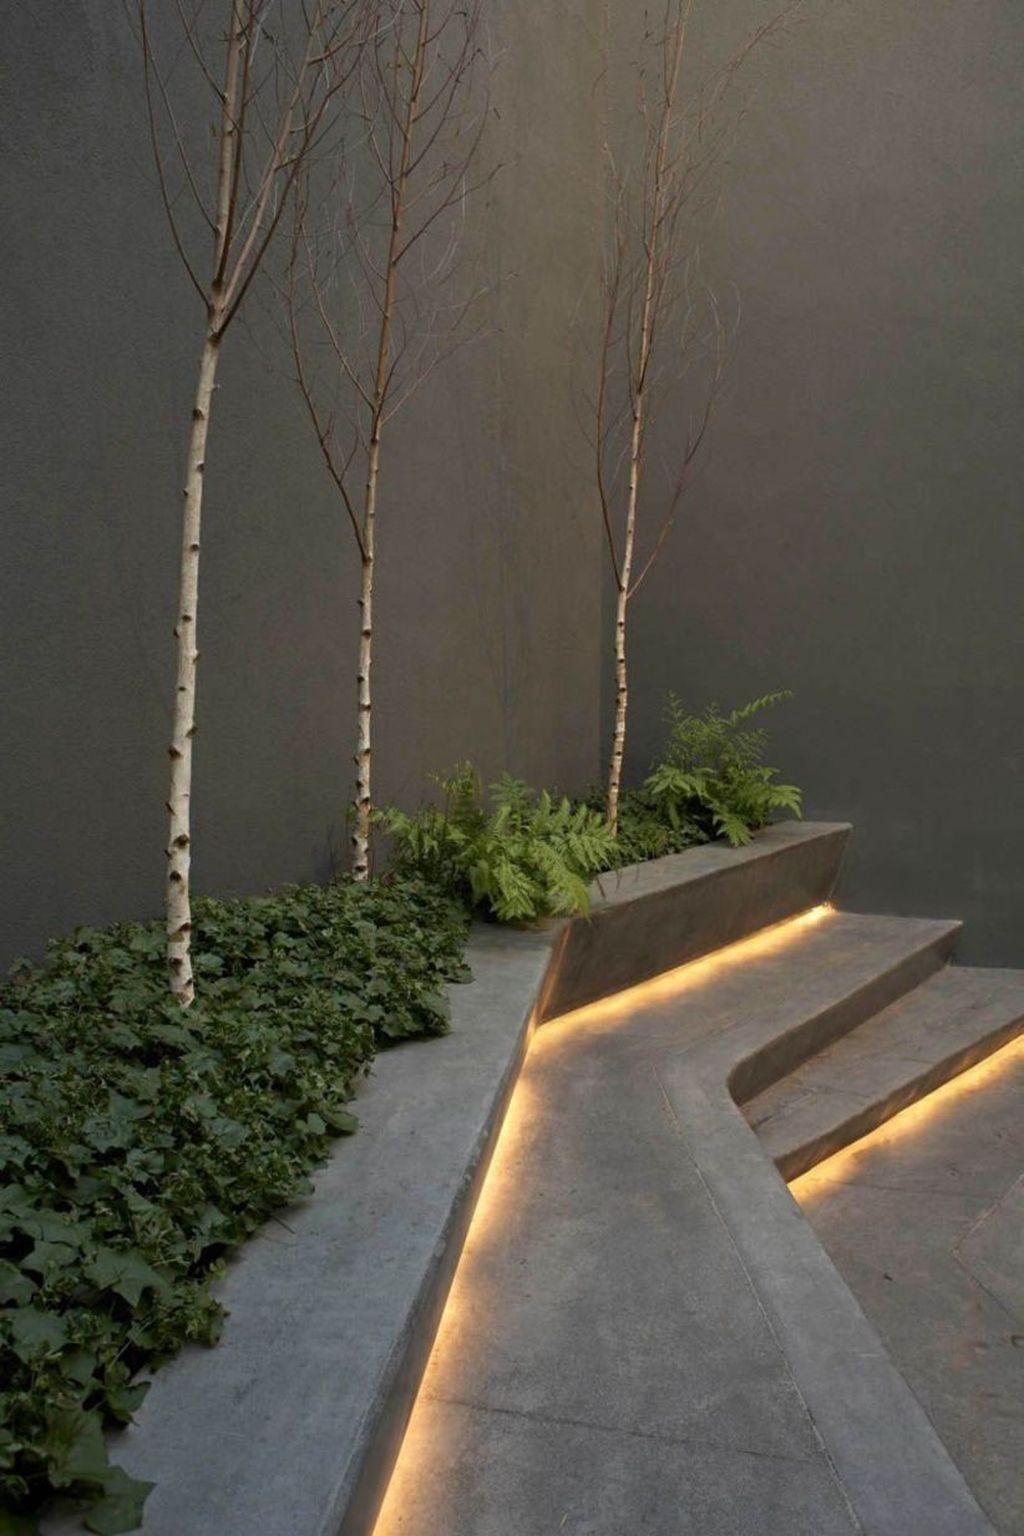 Idee Per Illuminare Un Giardino progettare l'illuminazione esterna del giardino: più di 30